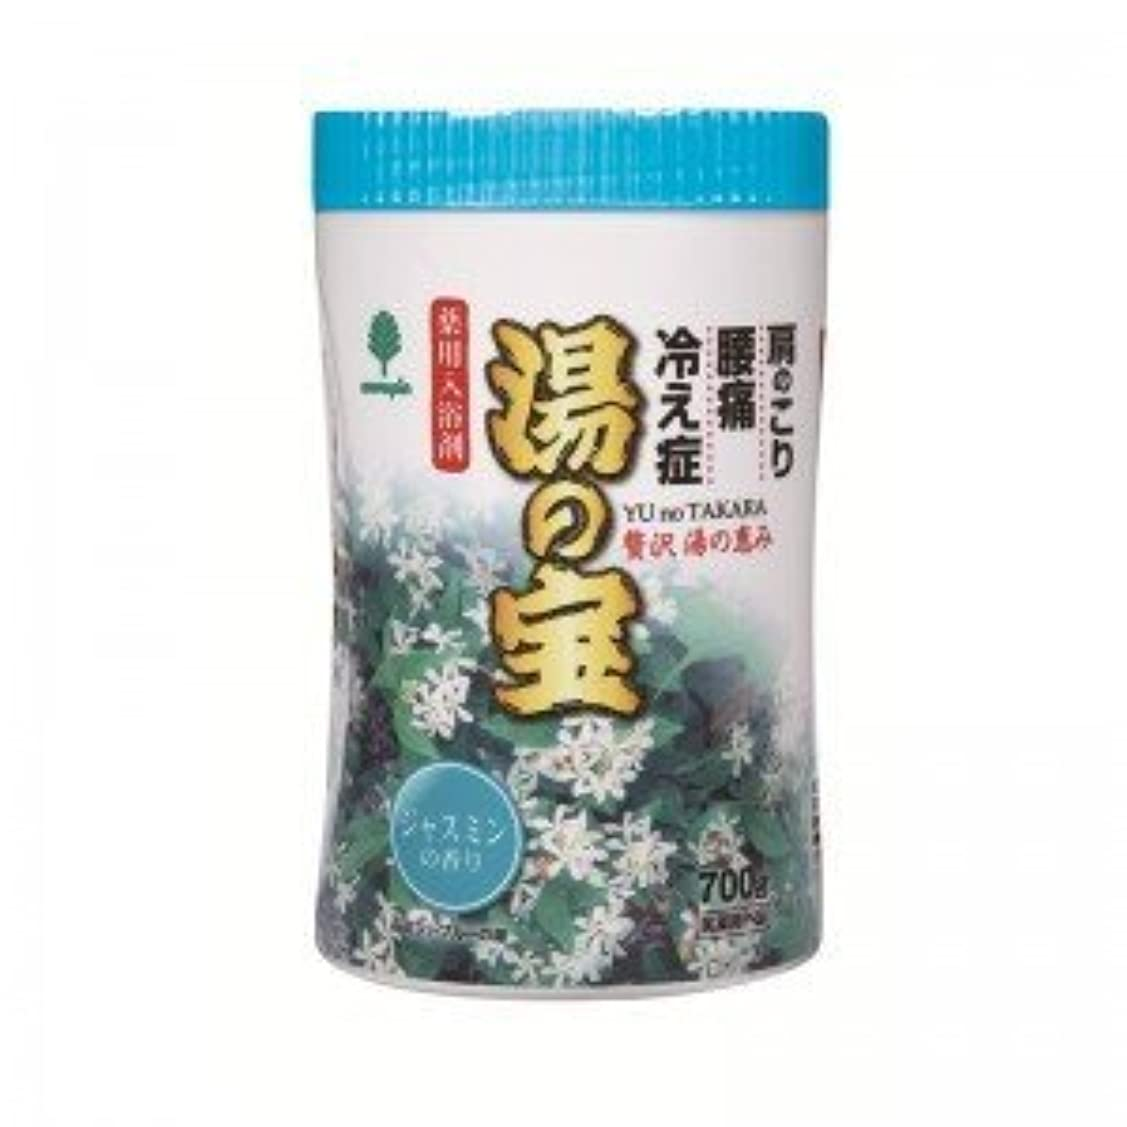 メンターオートヘクタール紀陽除虫菊 湯の宝 ジャスミンの香り (丸ボトル) 700g【まとめ買い15個セット】 N-0067